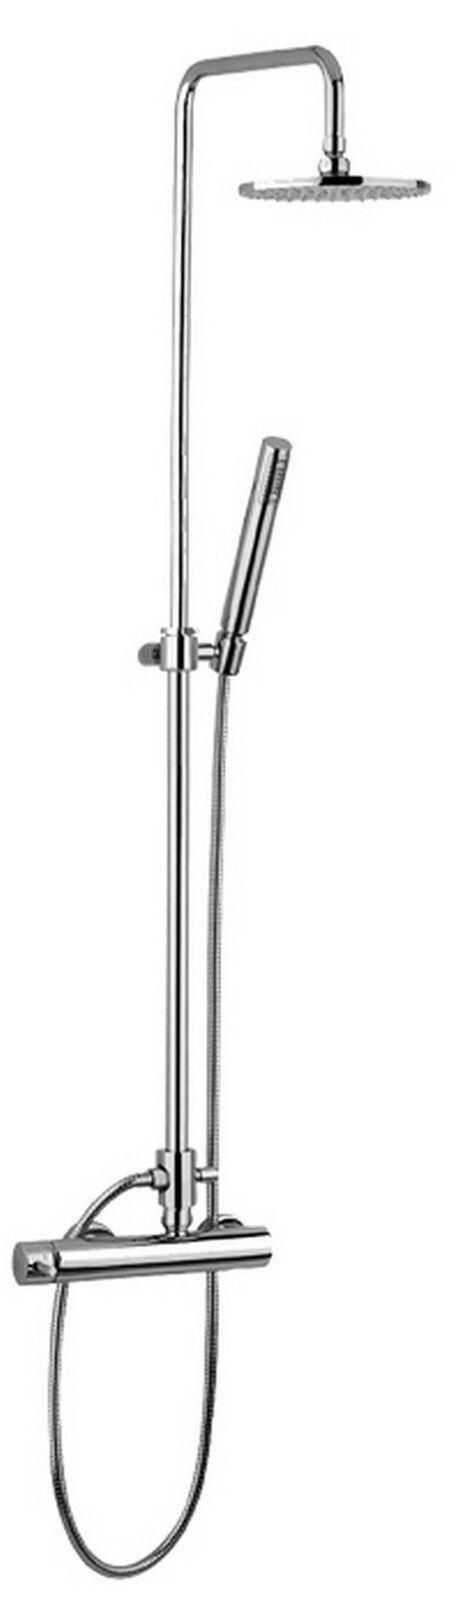 ZCOL603CR EASY PLUS Colonna doccia regolabile EASY PLUS con deviatore PAFFONI